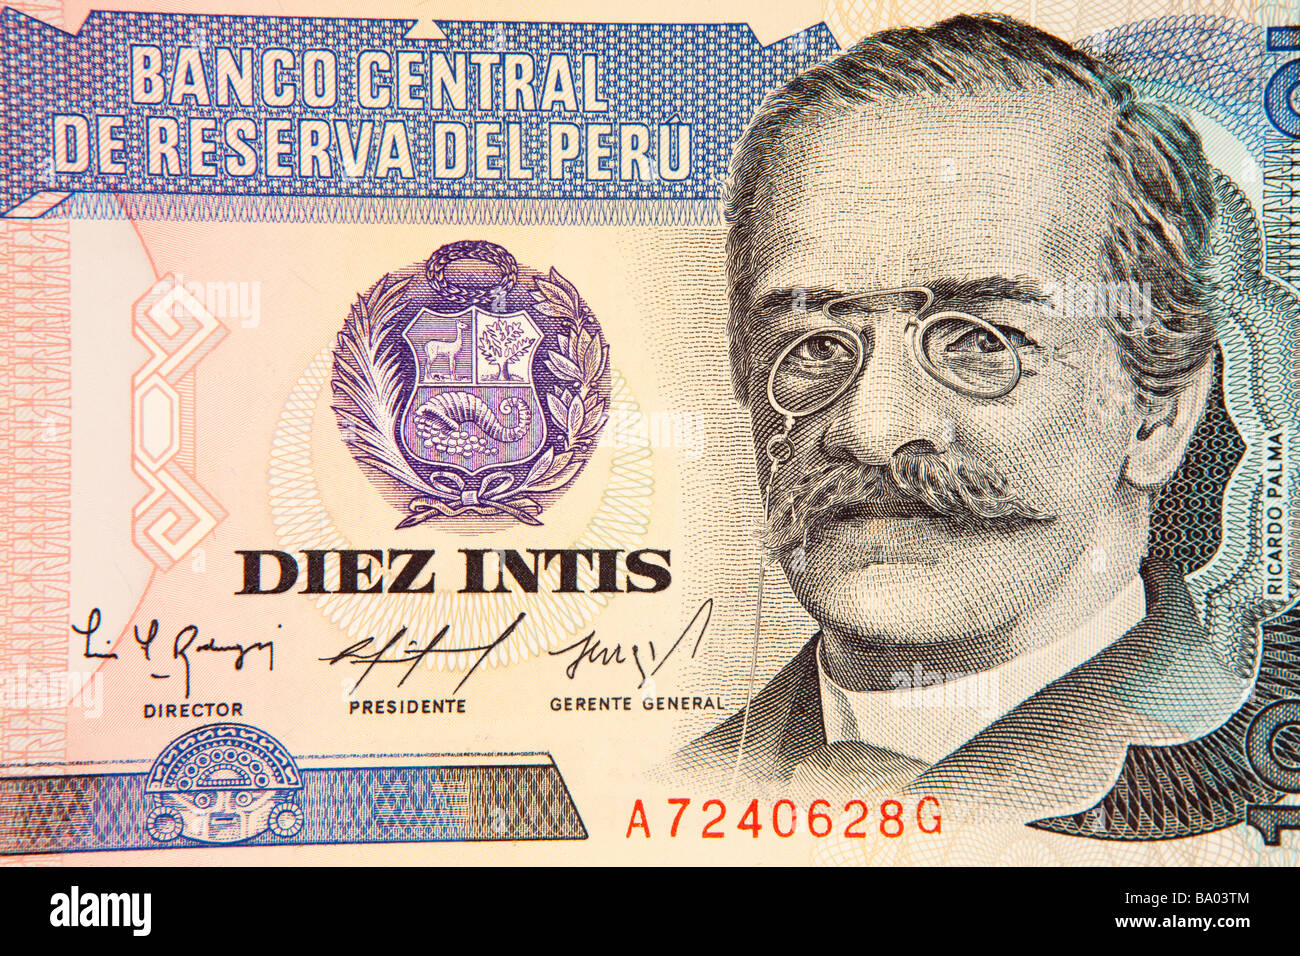 Money peru currency detail of peruvian 10 inti banknote stock photo money peru currency detail of peruvian 10 inti banknote altavistaventures Images